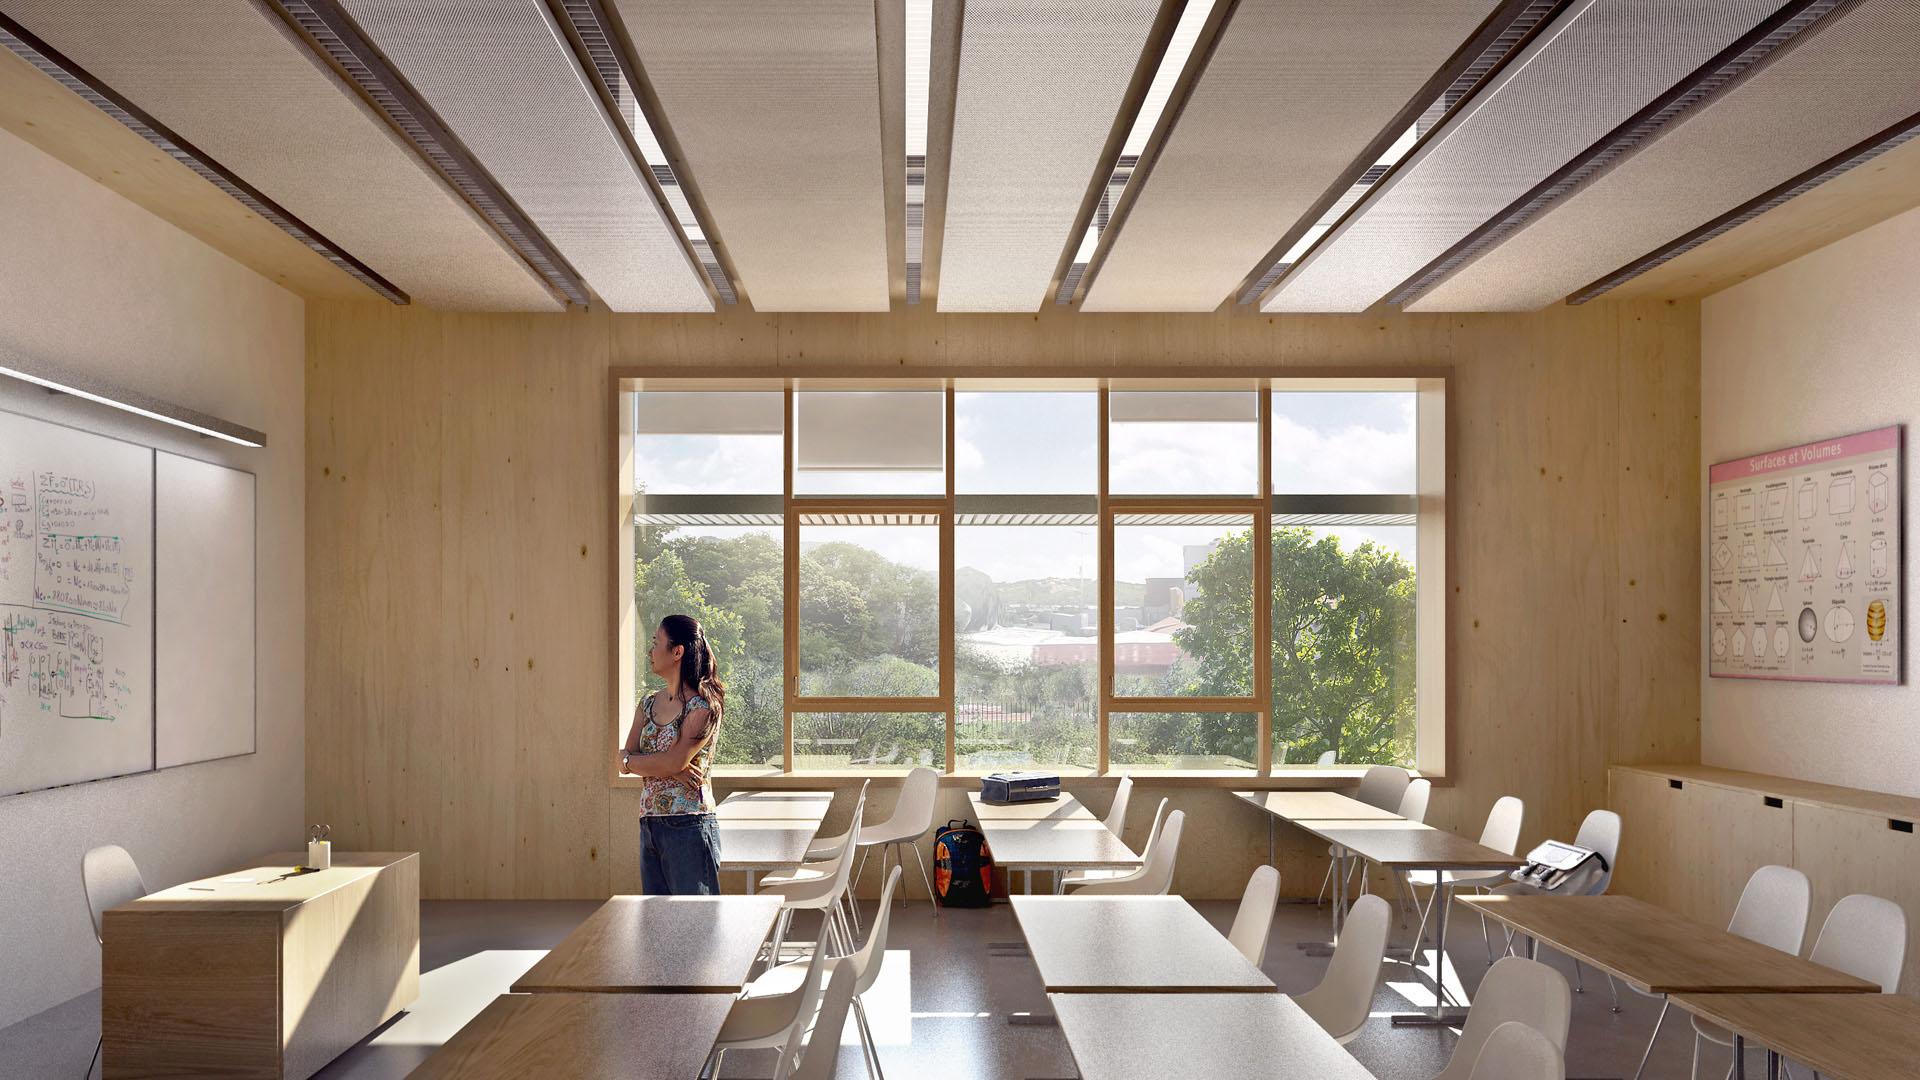 Seuil architecture - Le choix de matériaux biosourcés (parois en ossature bois garnies de paille) et le recours à la géothermie garantissent une enveloppe thermique optimale